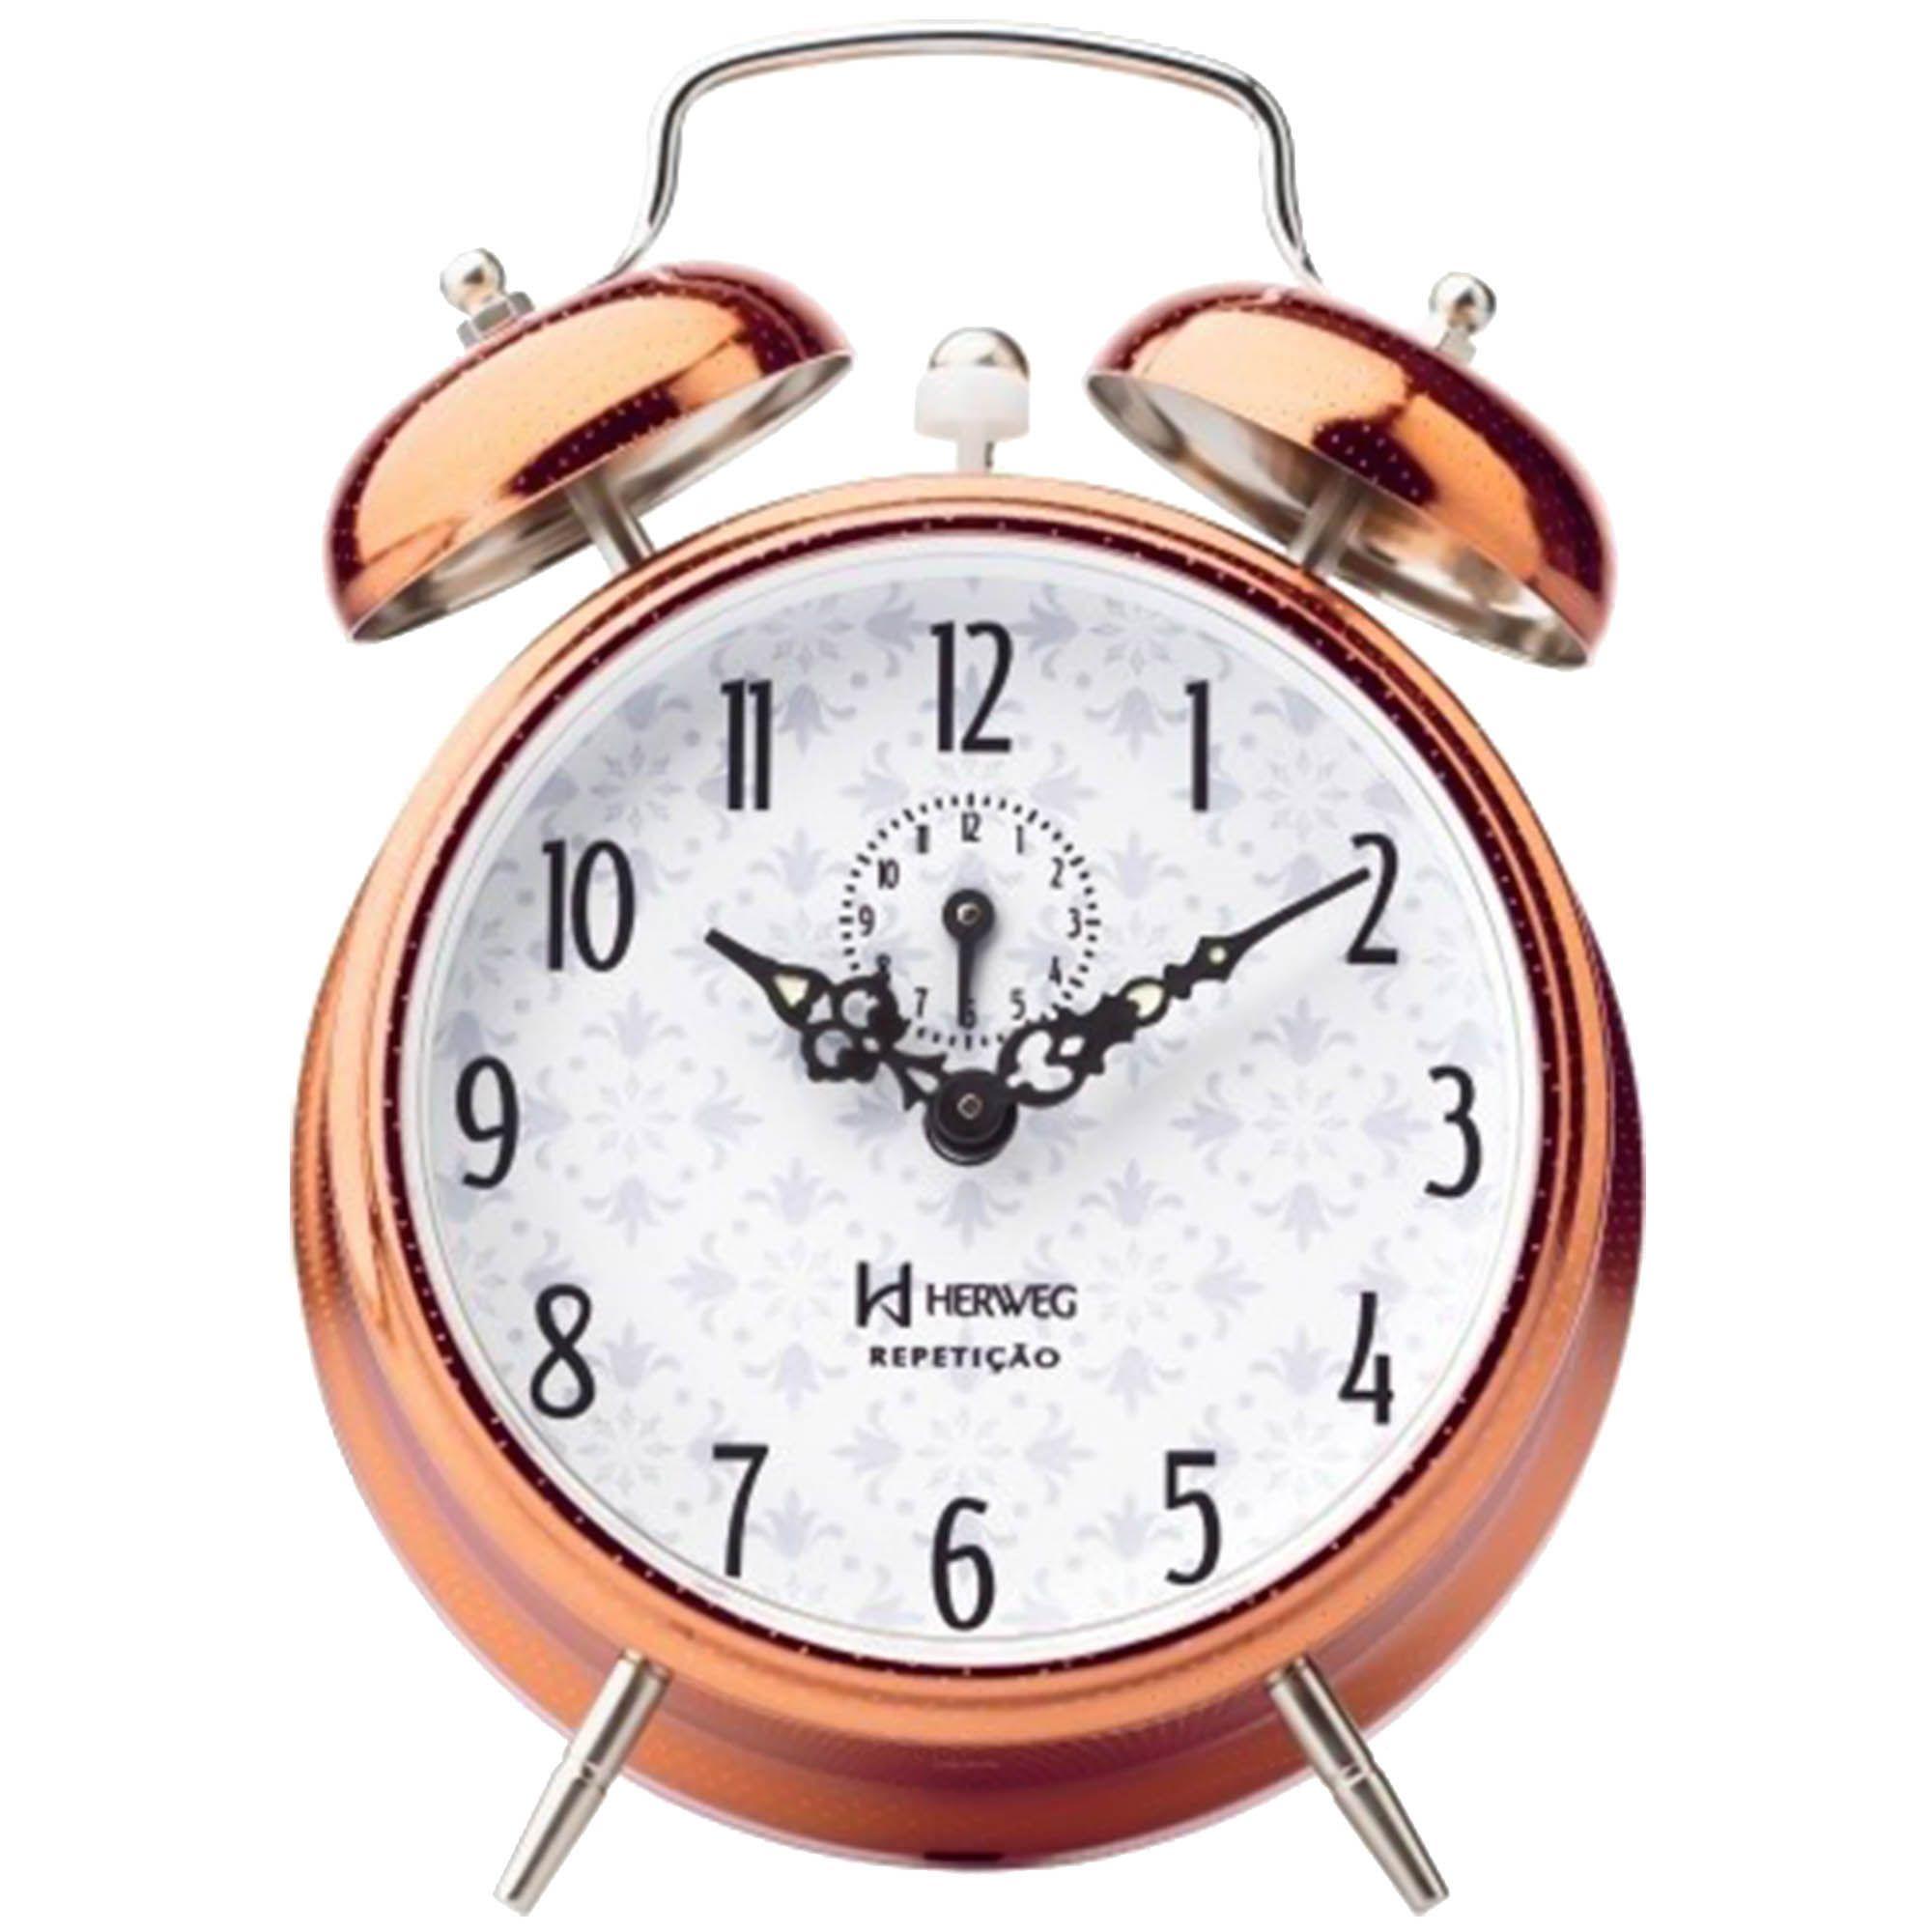 Despertador Analógico Mecânico Herweg 2384 320 Cobre